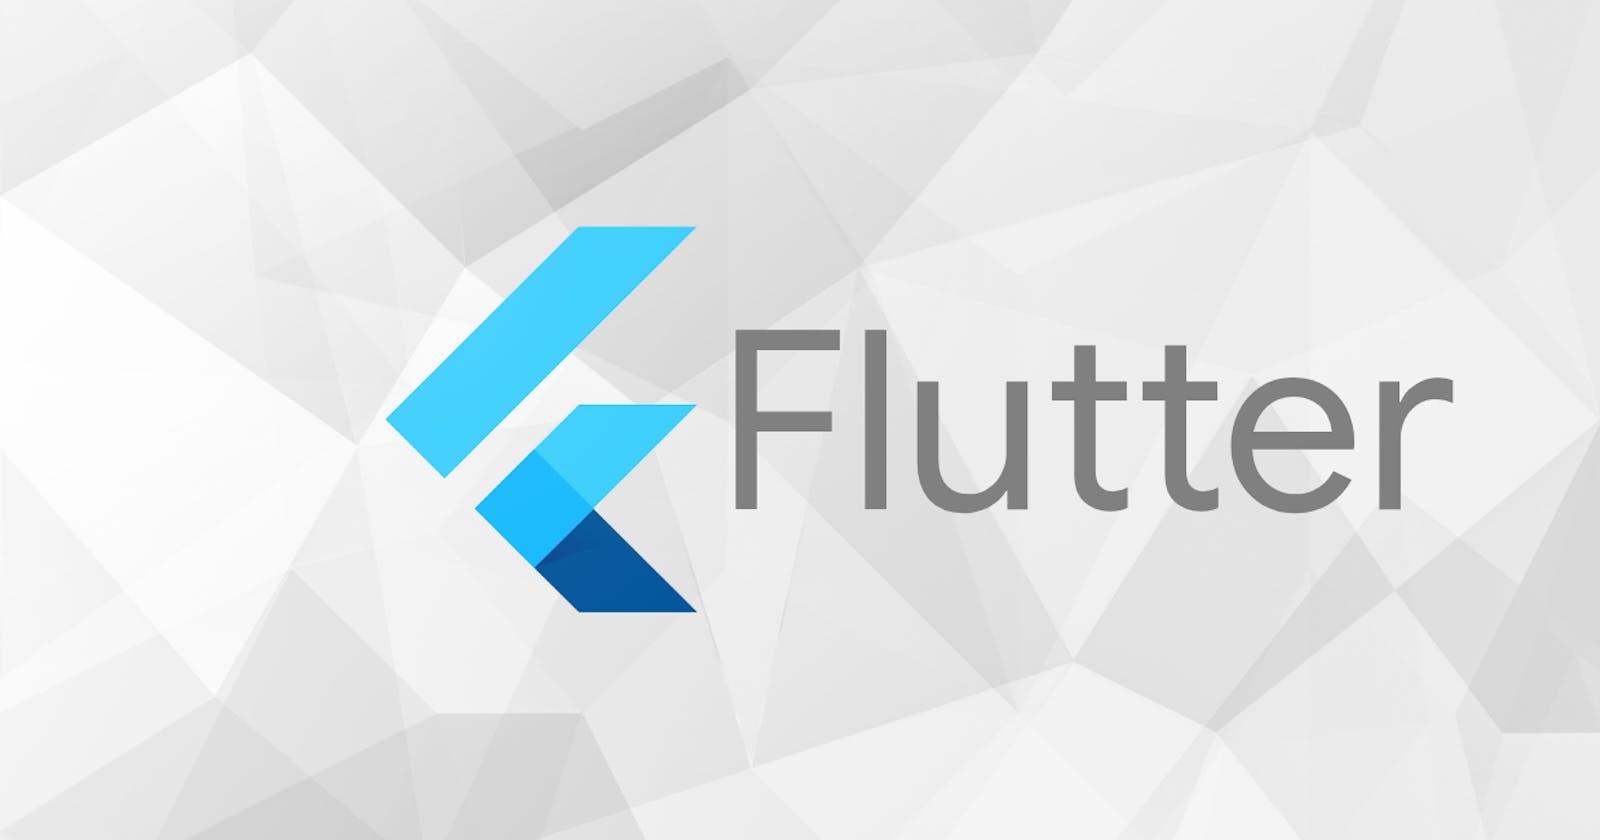 #Flutter: Intro to basic widgets in Flutter